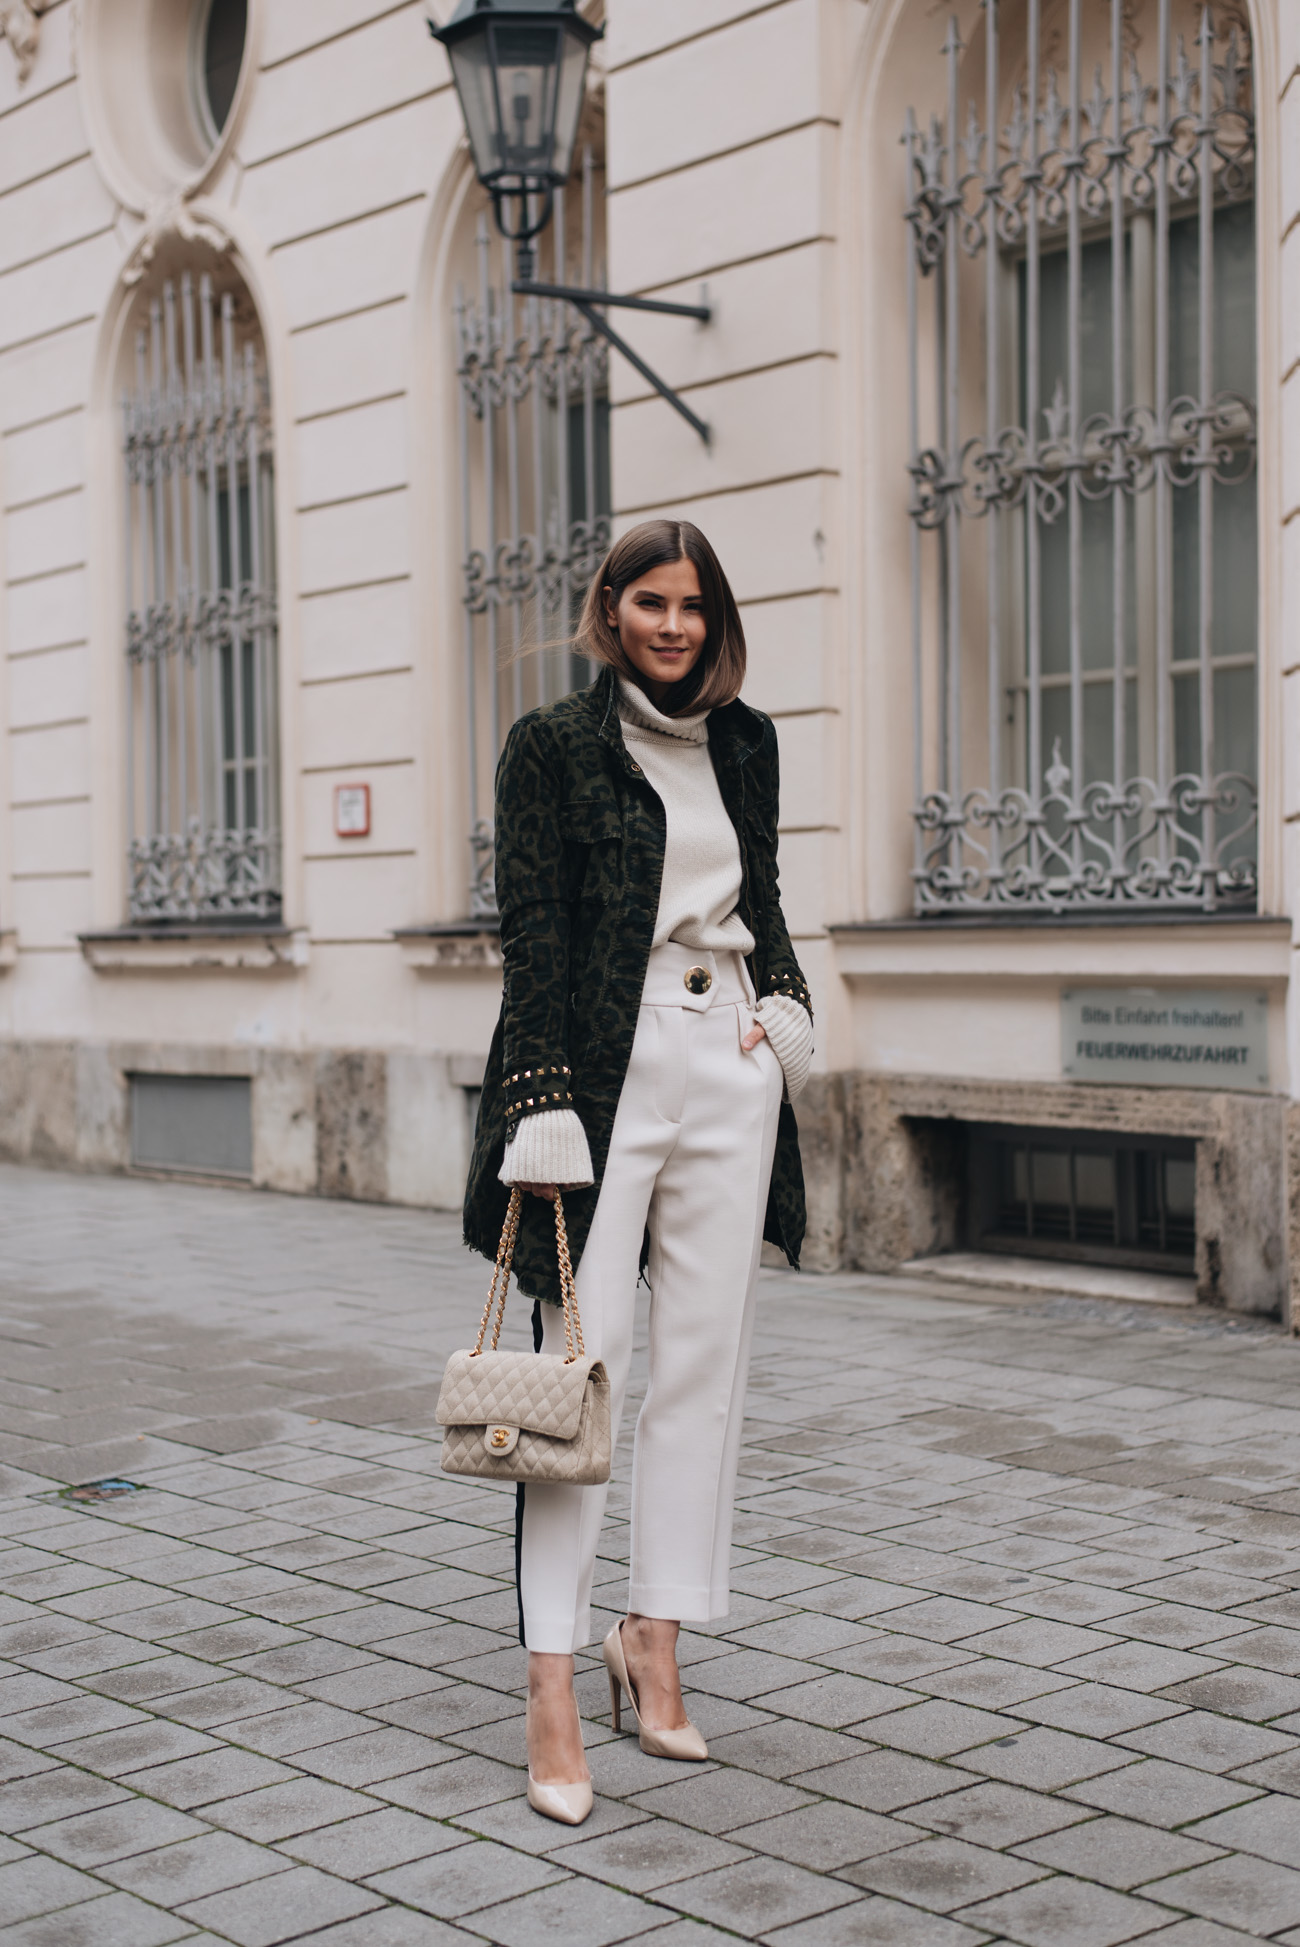 Chanel-Vintage-Timeless-Canvas-Tasche-Beige-Gebraucht-nude-pumps-nina-schwichtenberg-fashiioncarpet